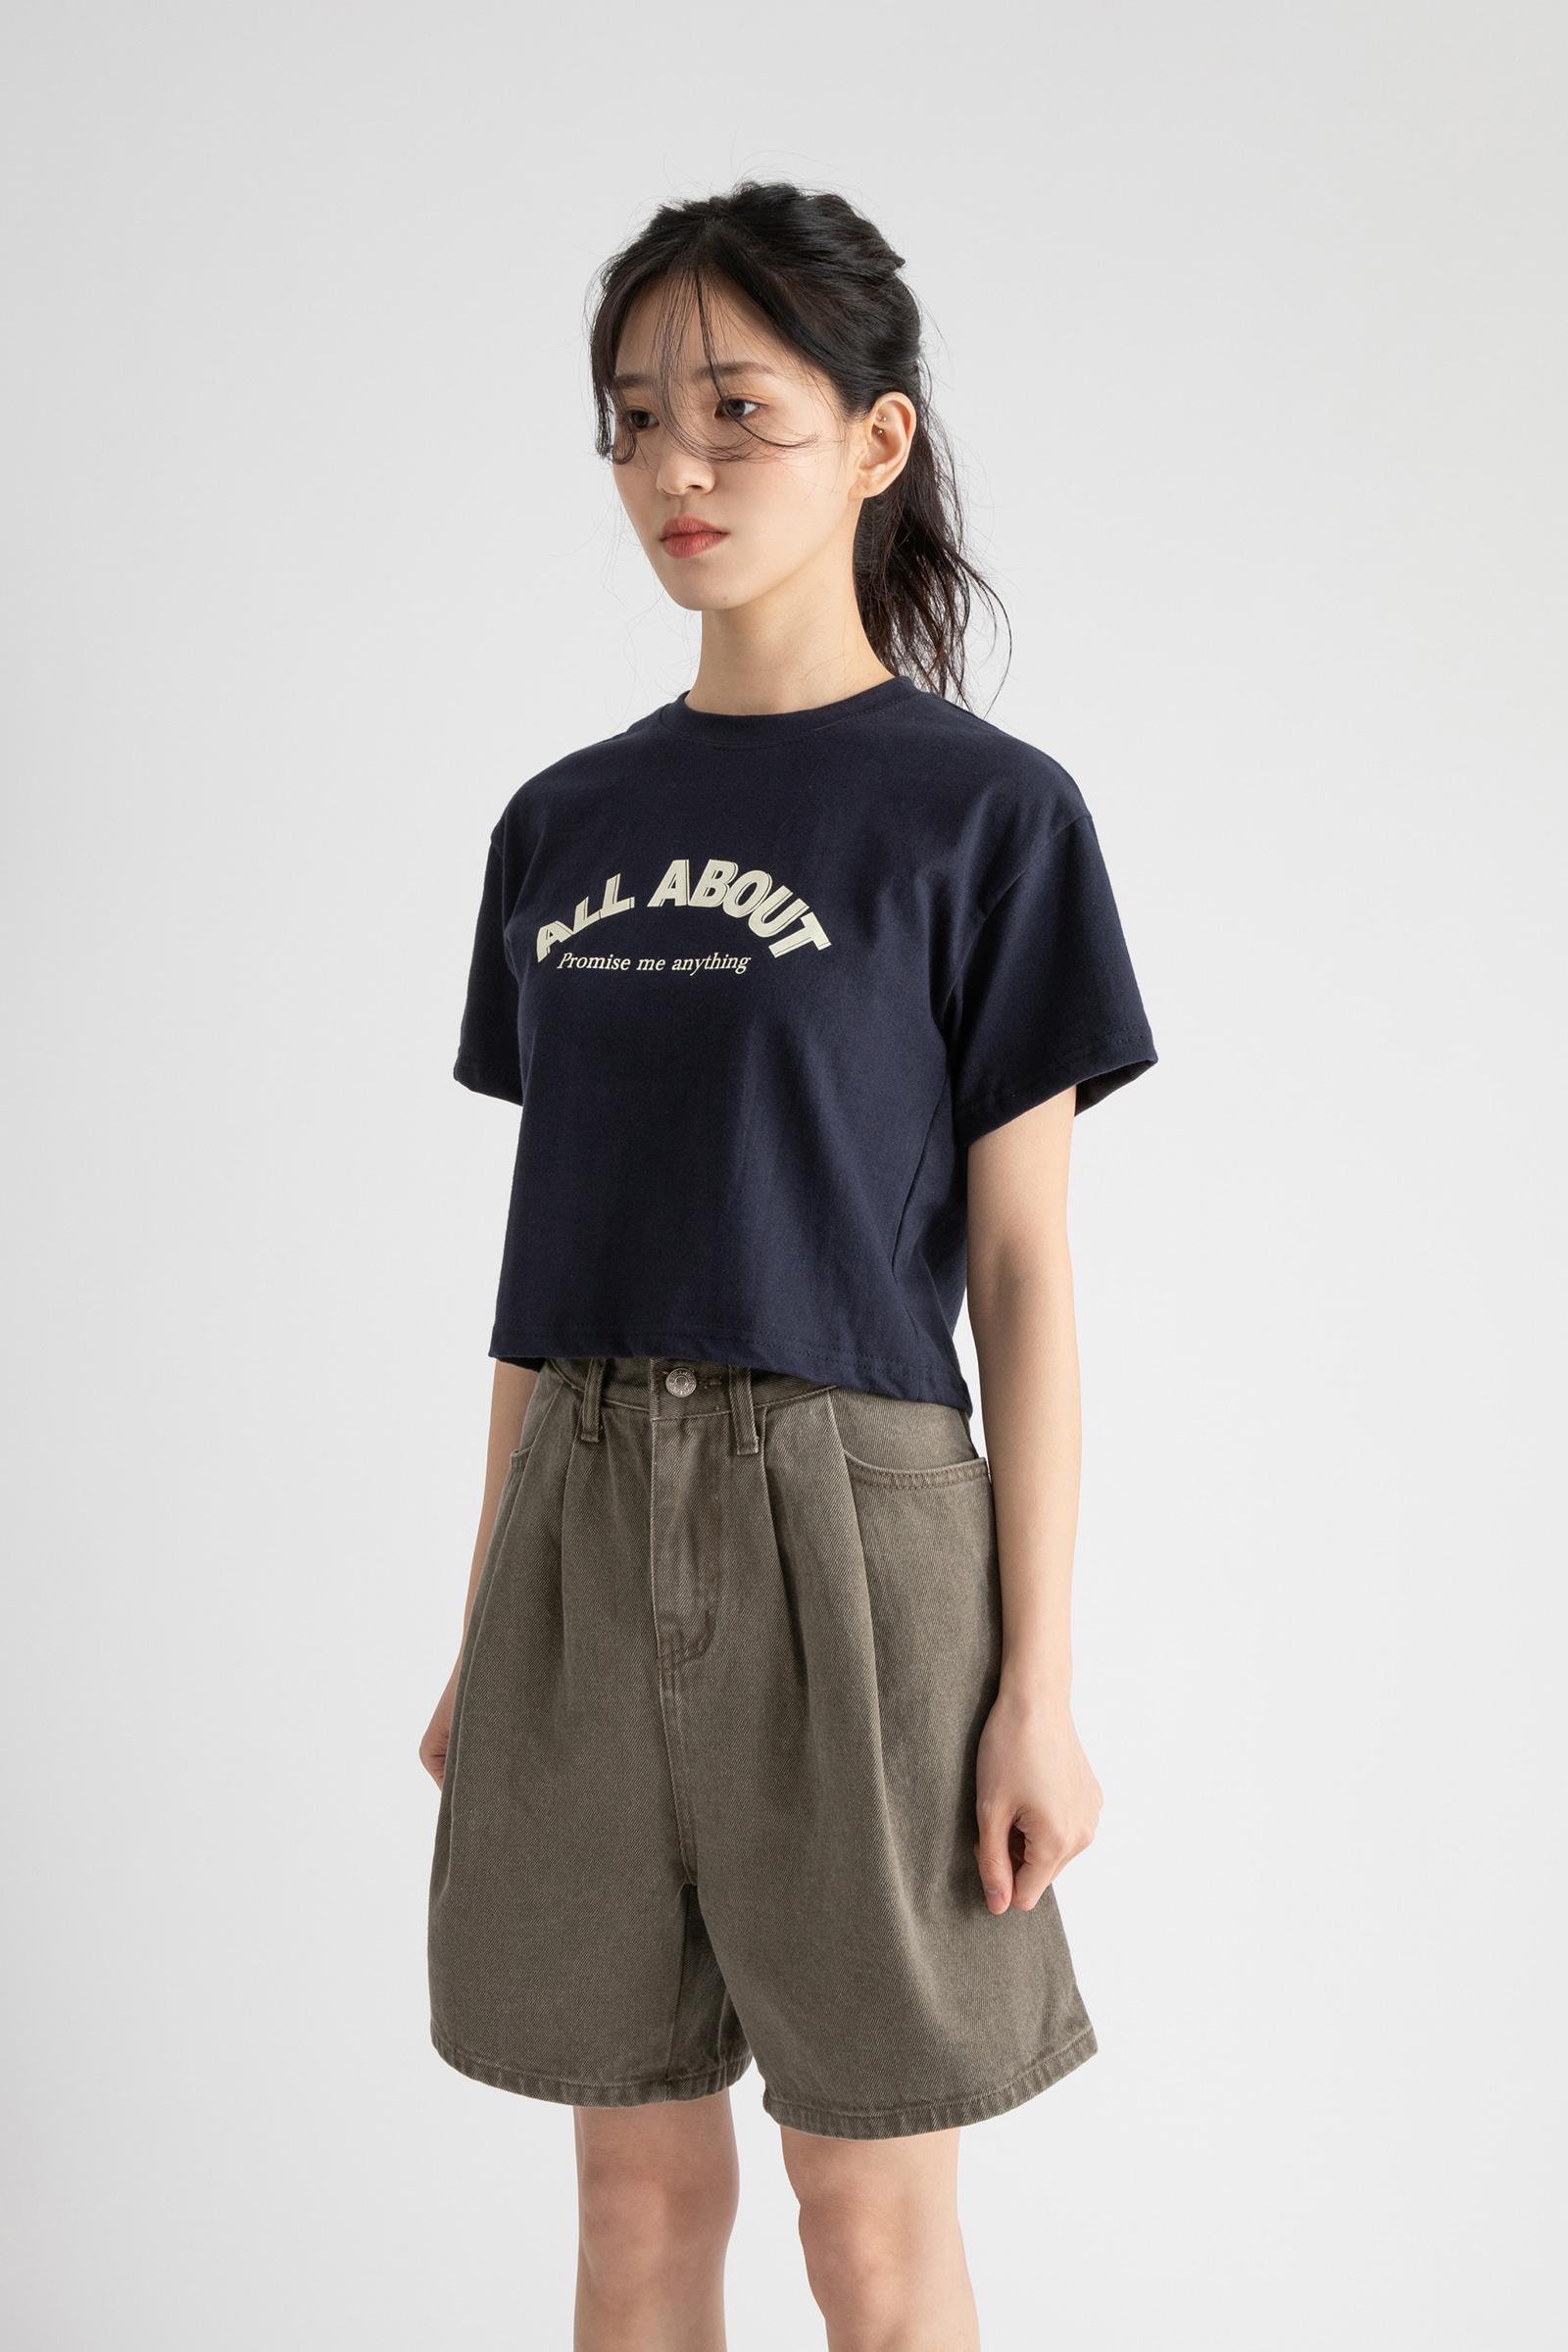 About Printing Crop Half Round Neck T-Shirt